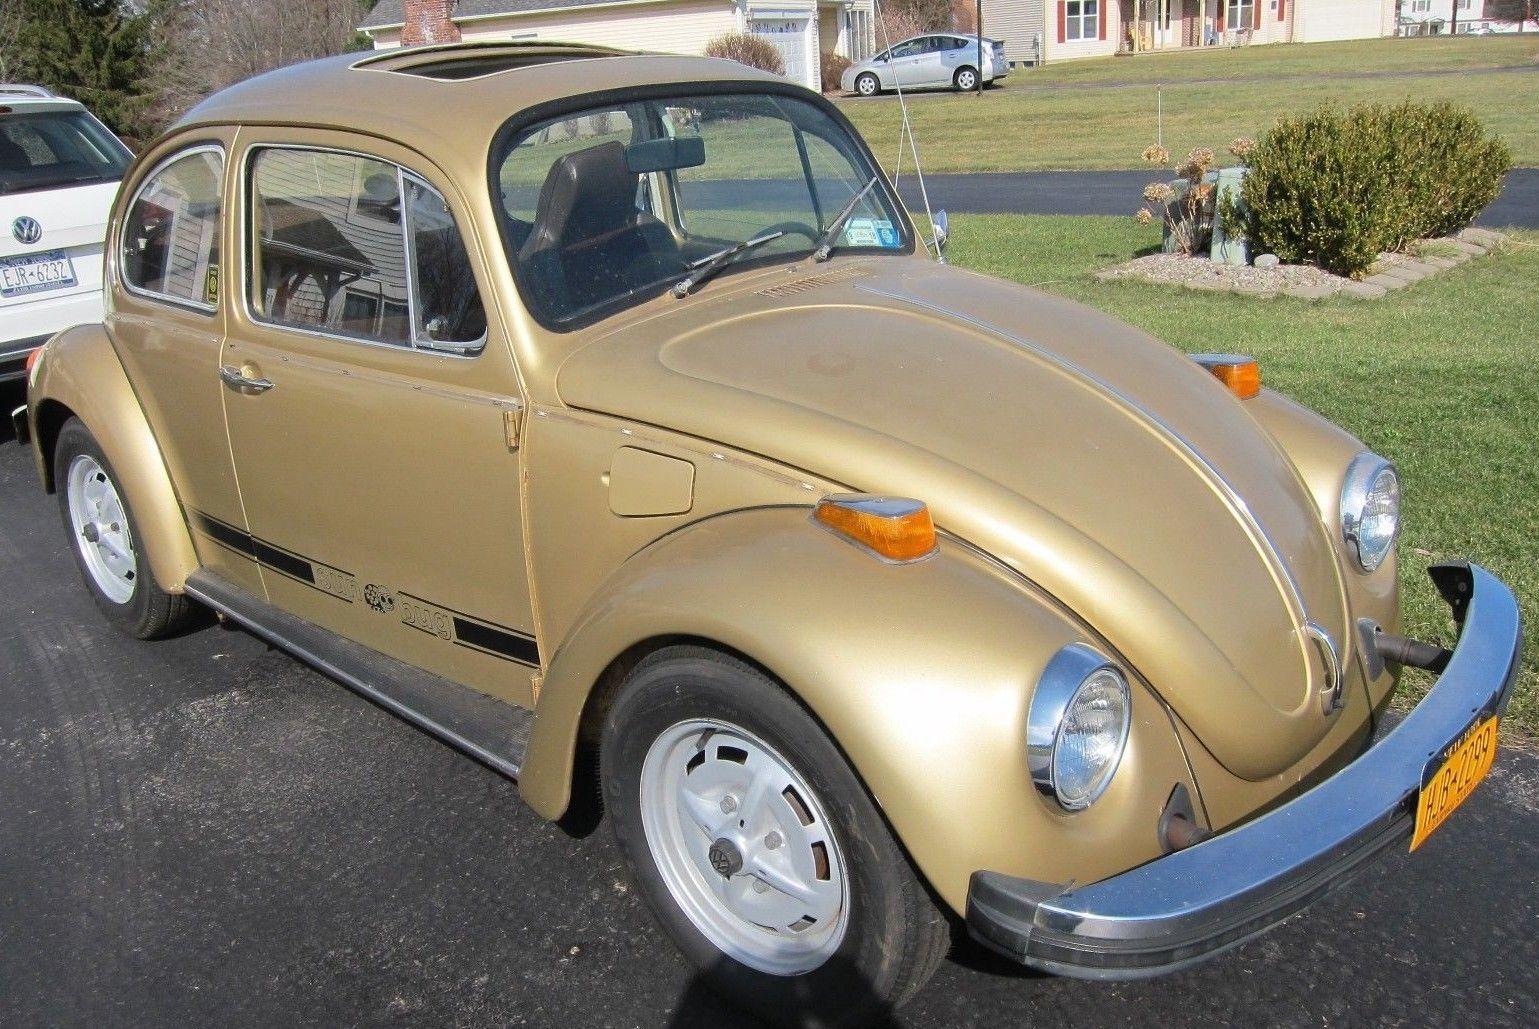 1974 Volkswagen Beetle Classic Volkswagen Beetle Volkswagen Beetle